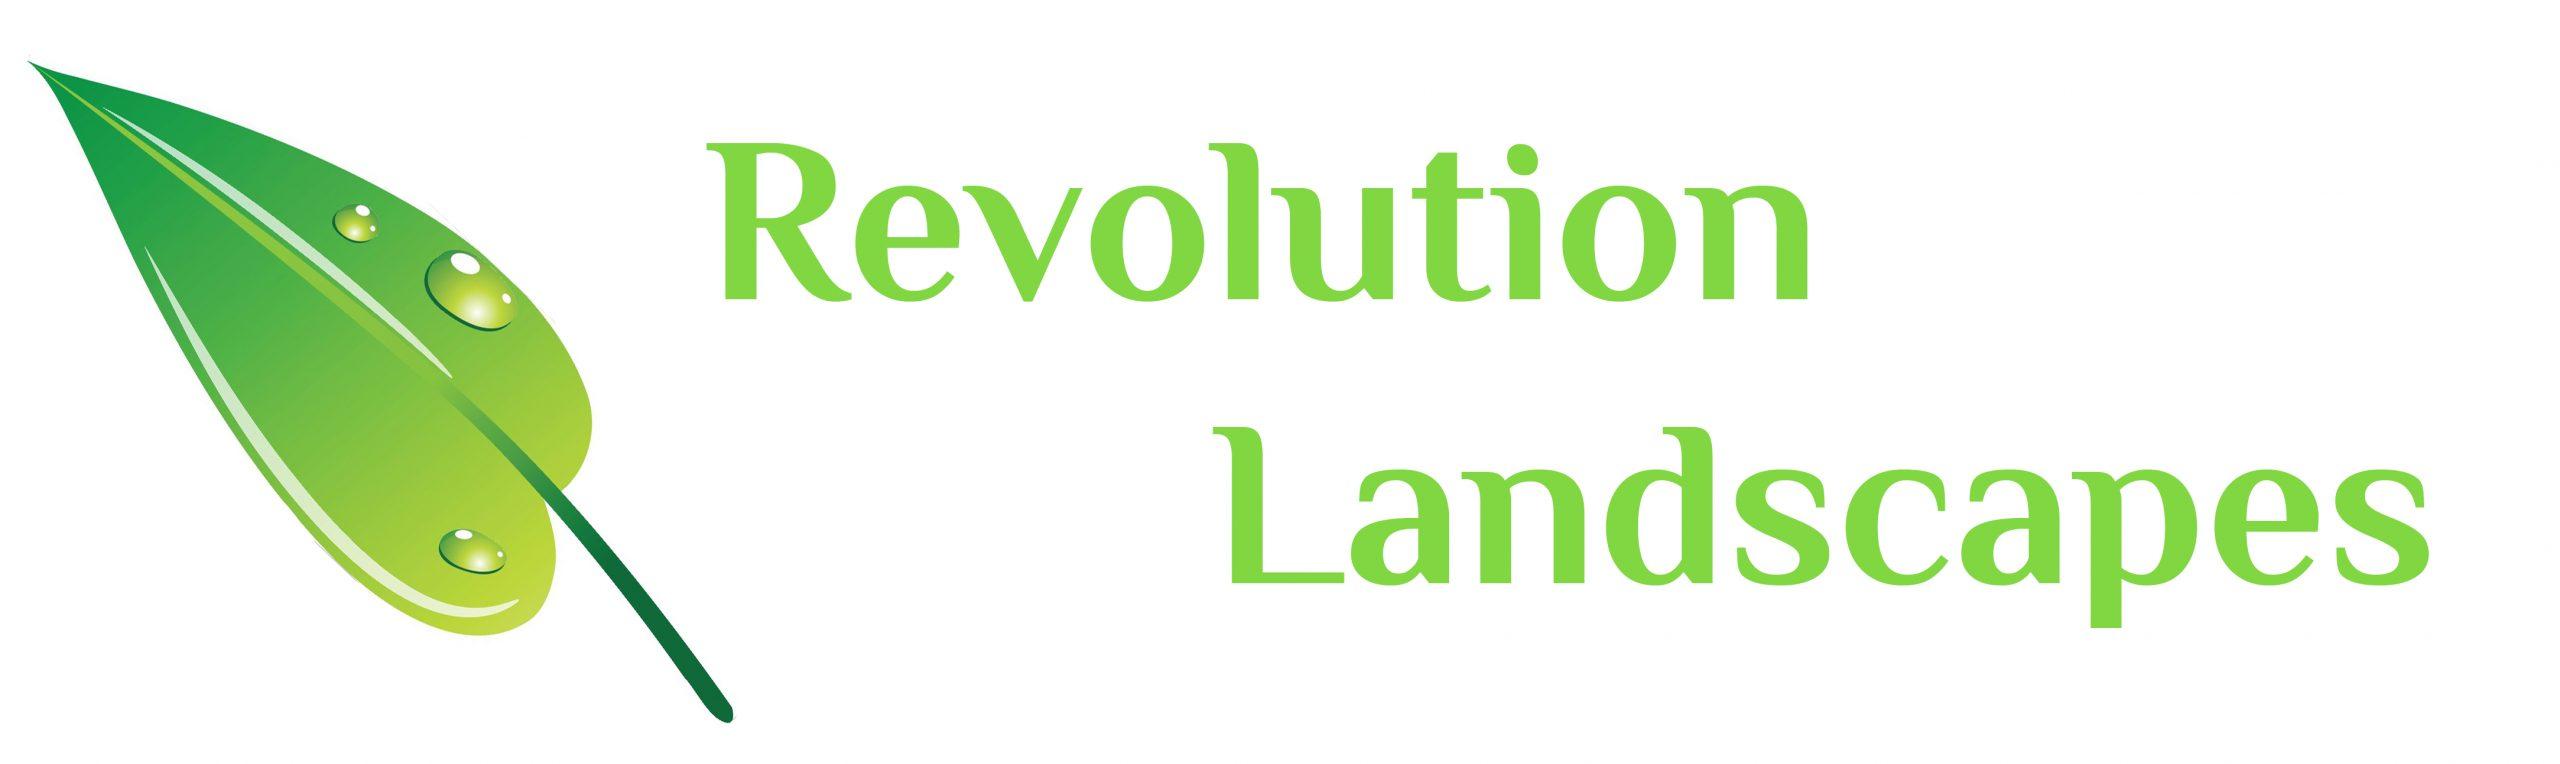 Revolution Landscapes